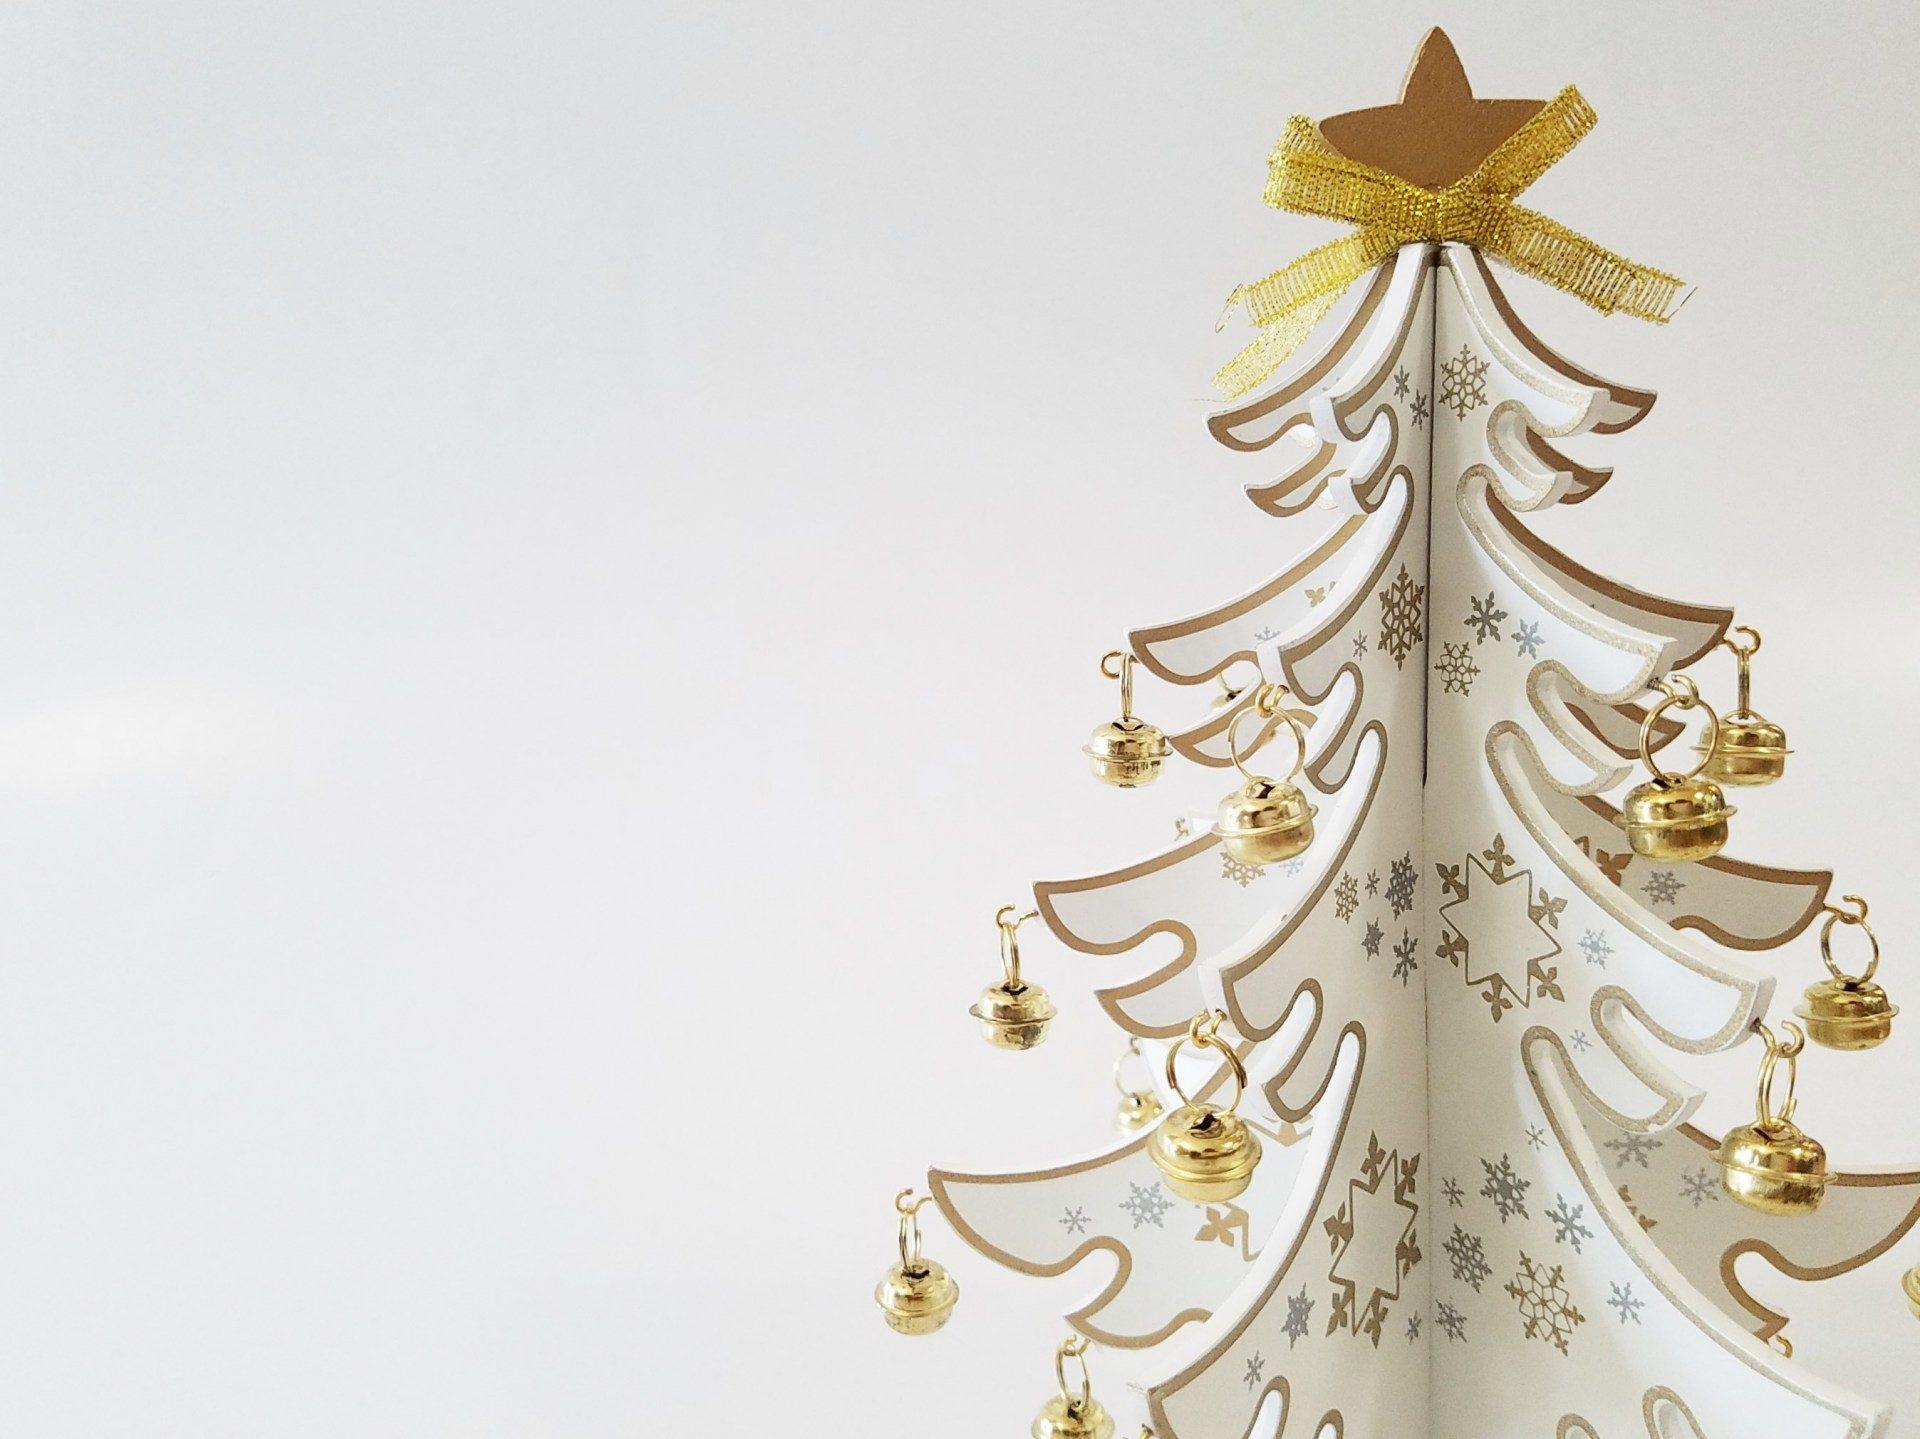 立體的聖誕樹